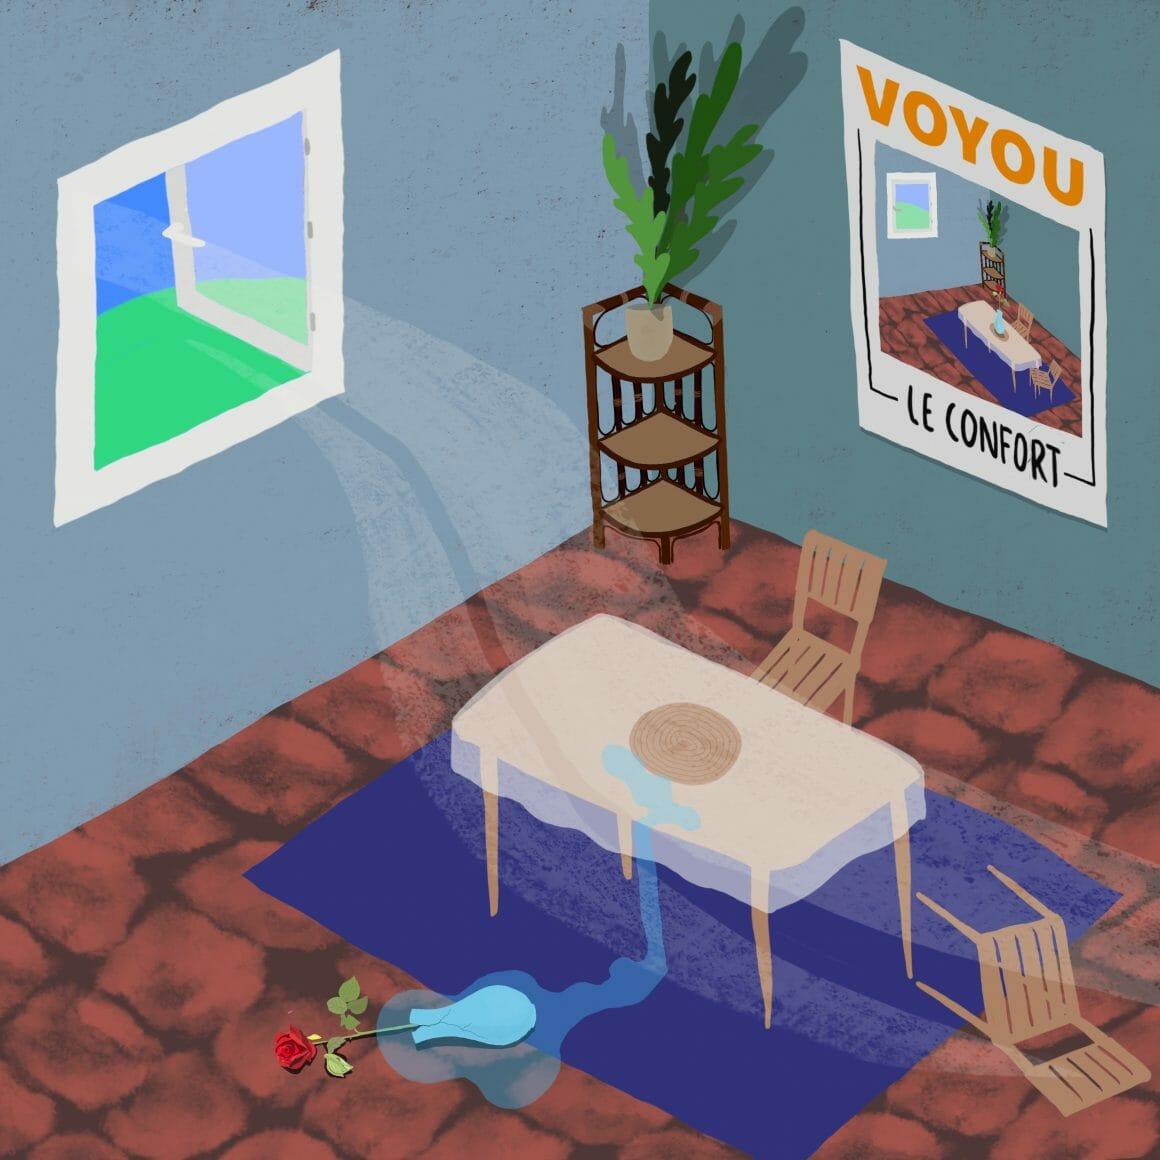 """Pochette du nouvel EP de Voyou, """" Le Confort """""""